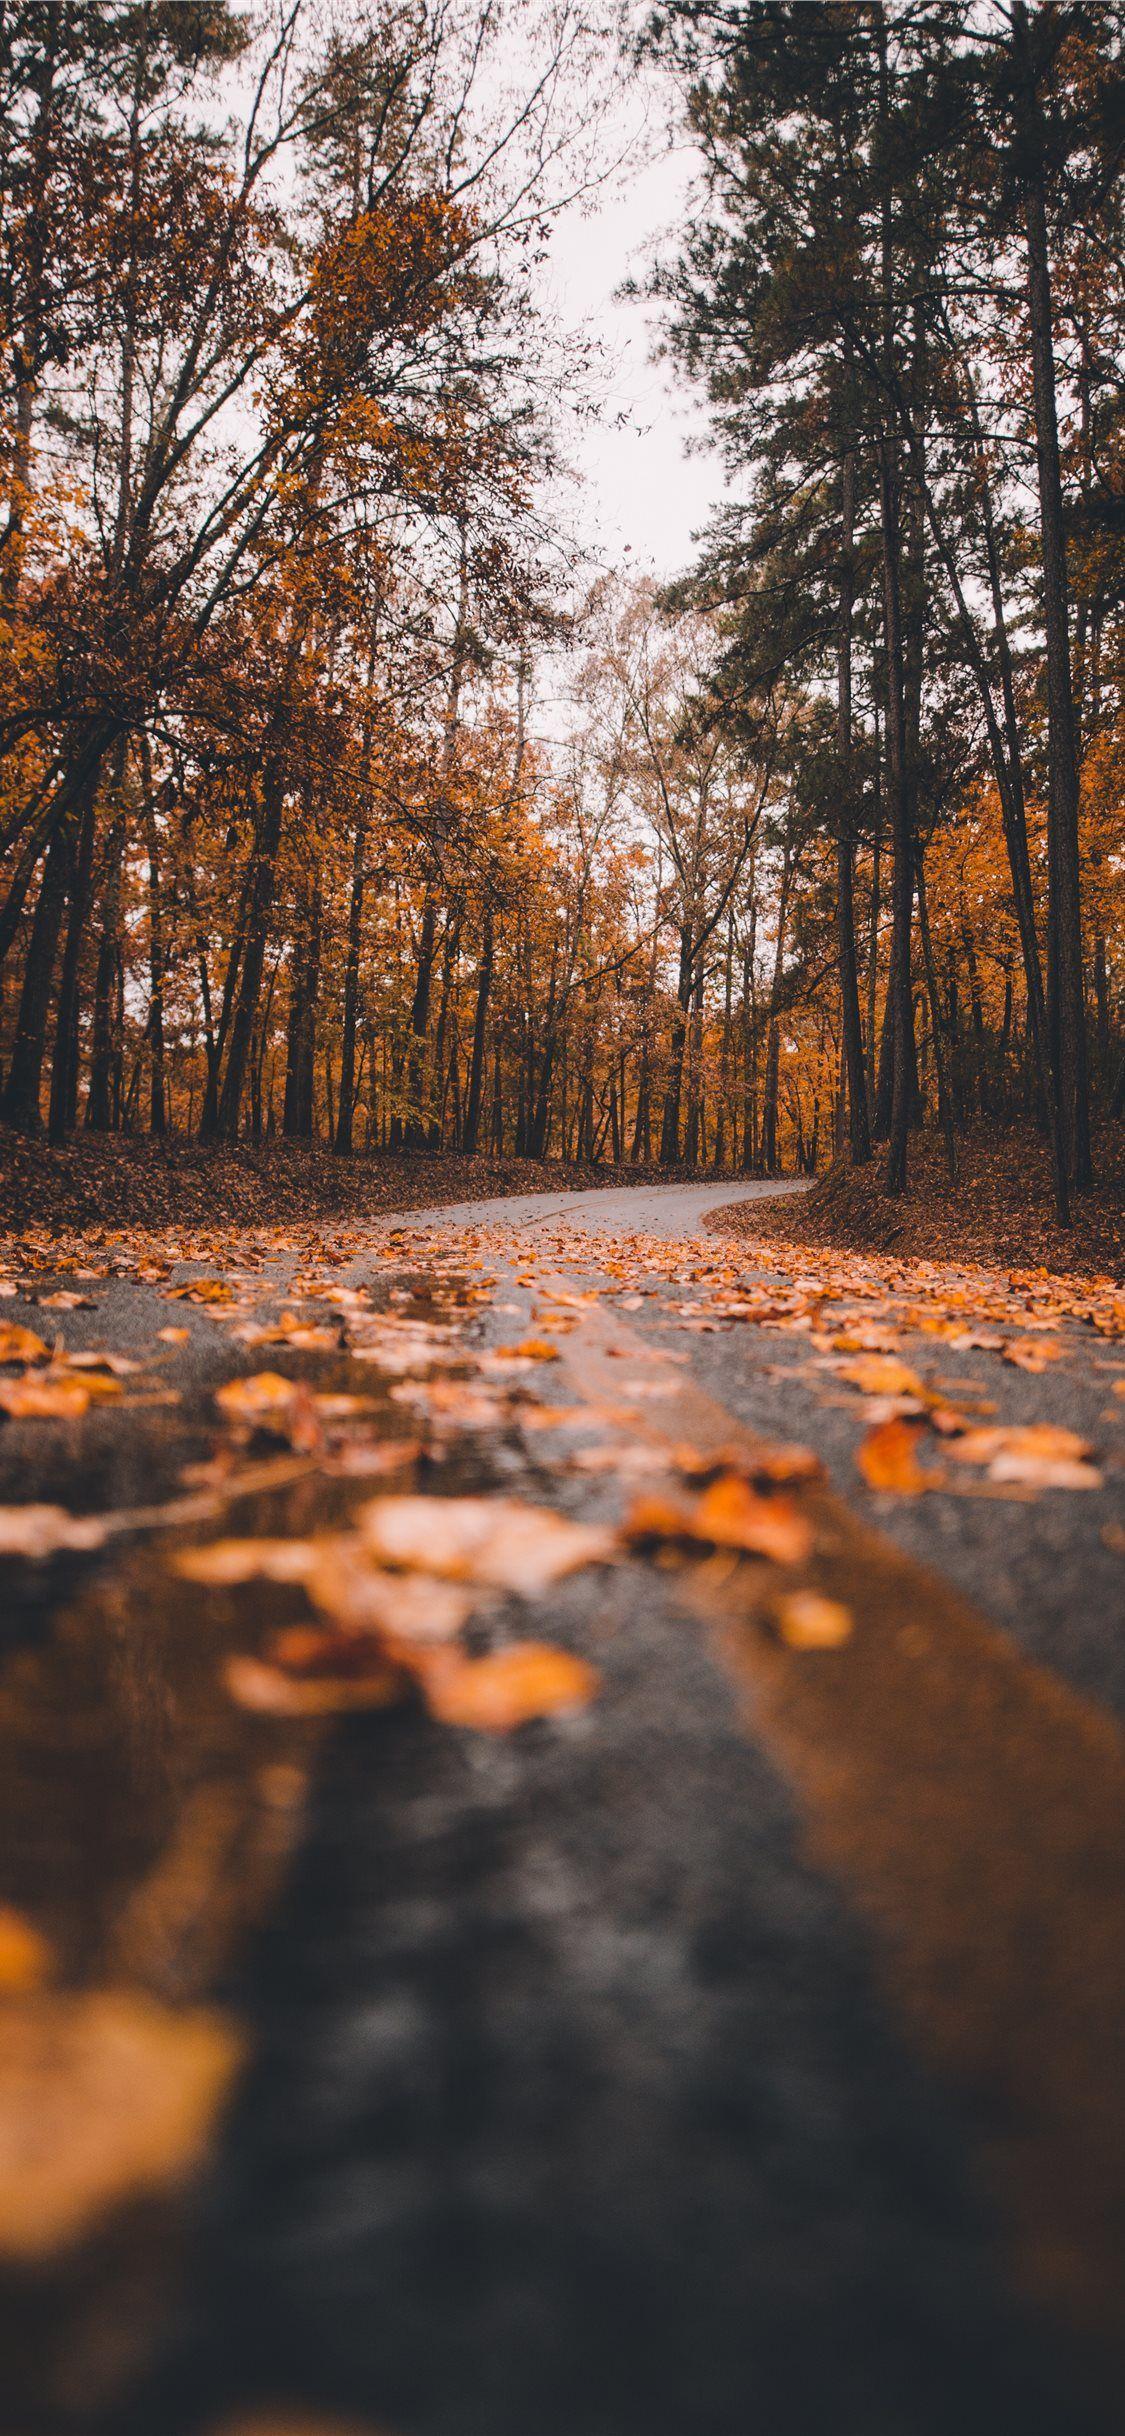 1125x2436 Mùa thu đẹp nhất Hình nền iPhone 11 HD